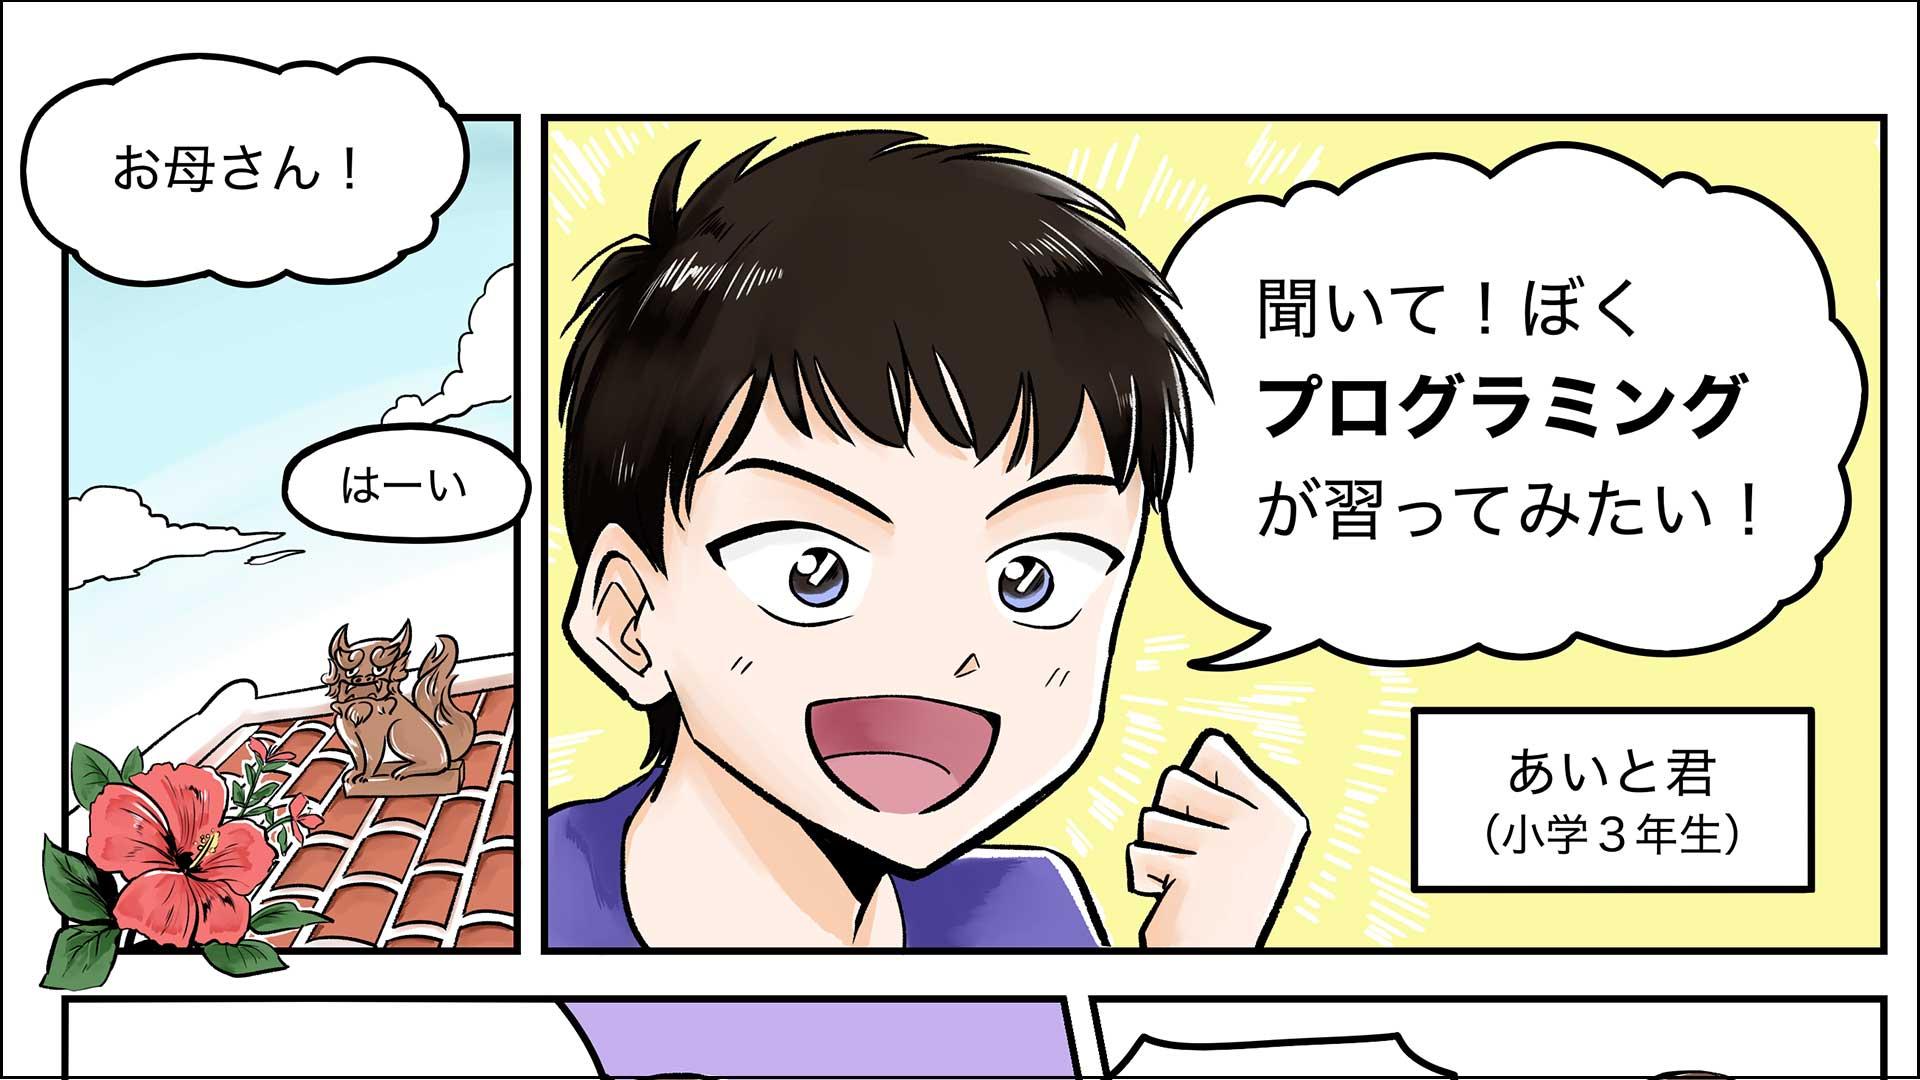 【漫画】ITやプログラミング教育で学ぶ事とは?